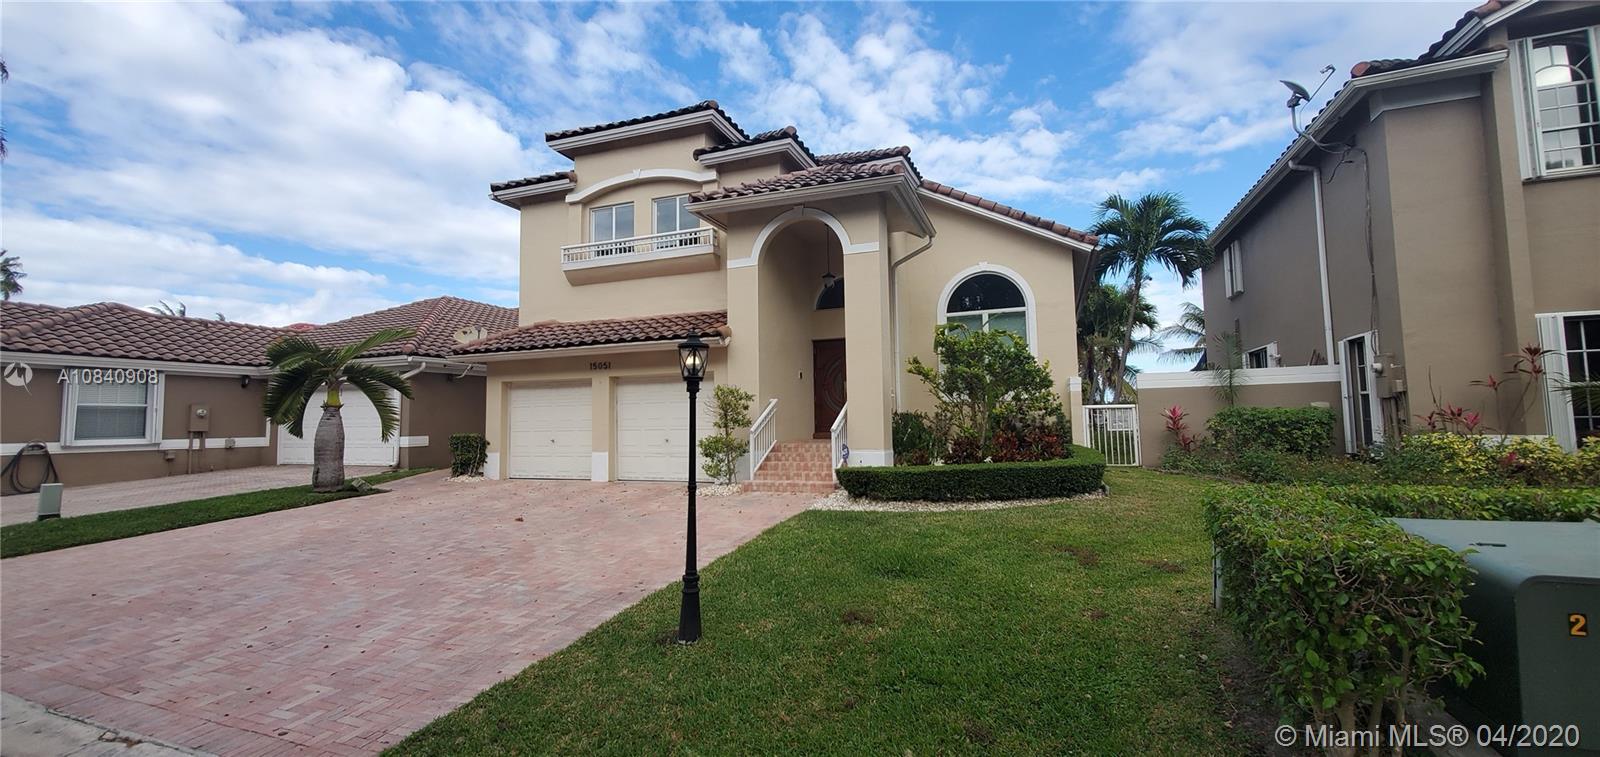 15051 SW 136th Pl, Miami, FL 33186